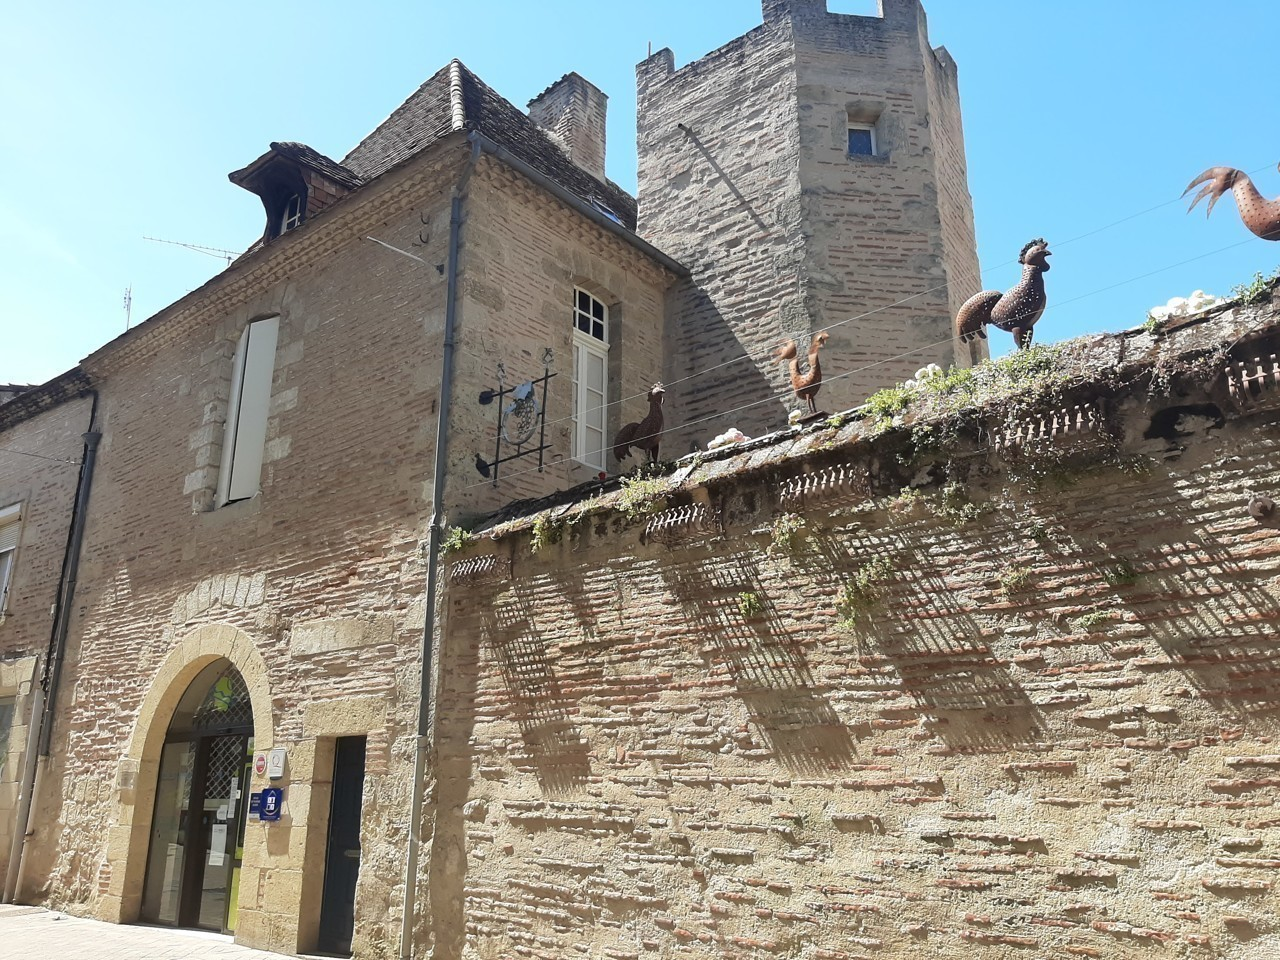 Lot et Garonne. Les Offices de tourisme de Val de Garonne de nouveau ouverts au public   Le Républicain Lot-et-Garonne